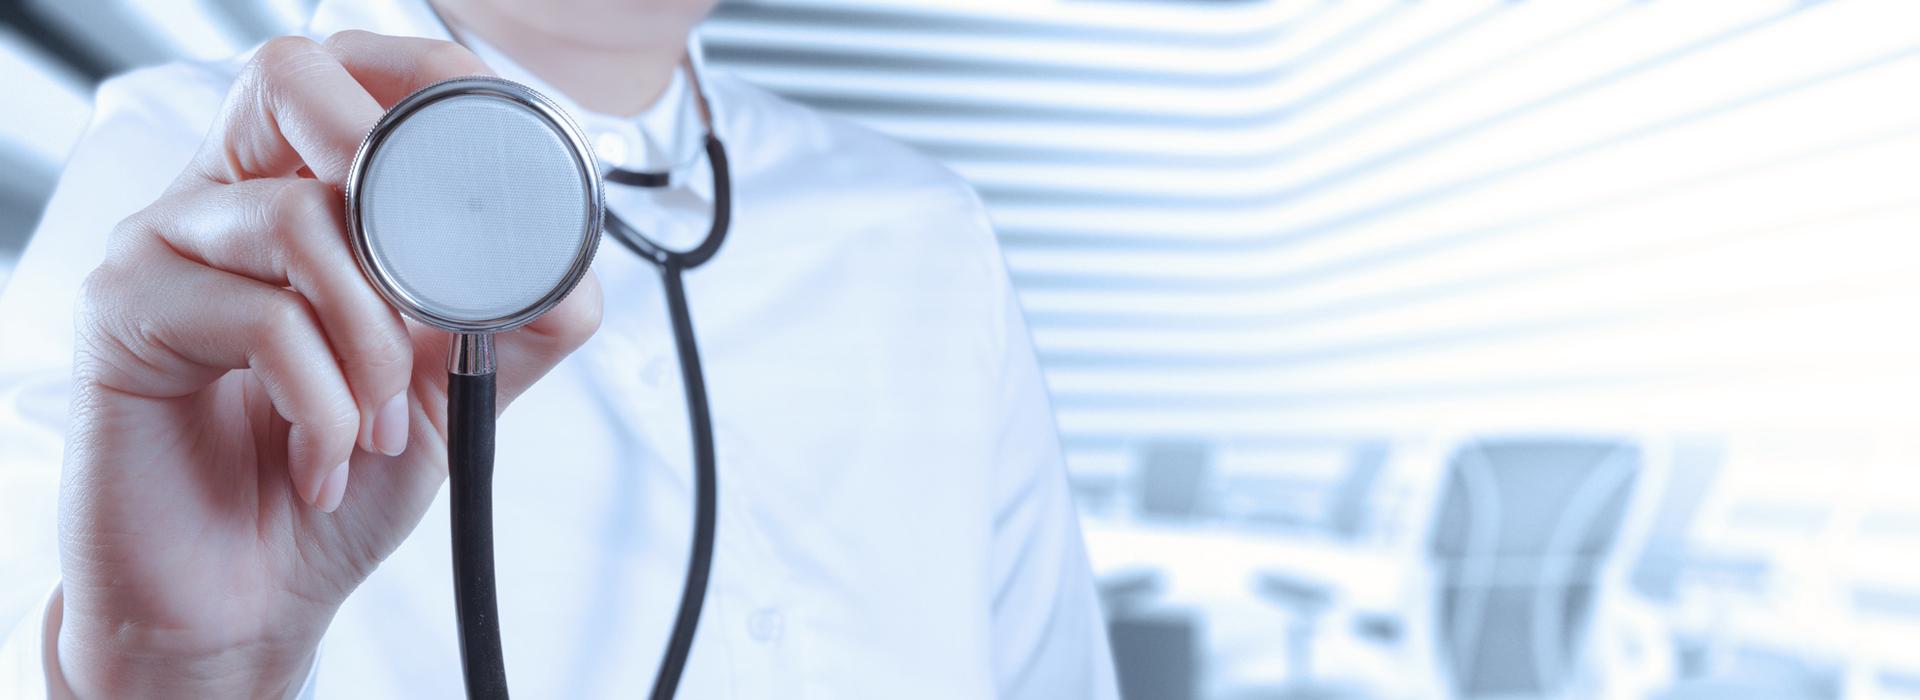 Visite Mediche a Brescia